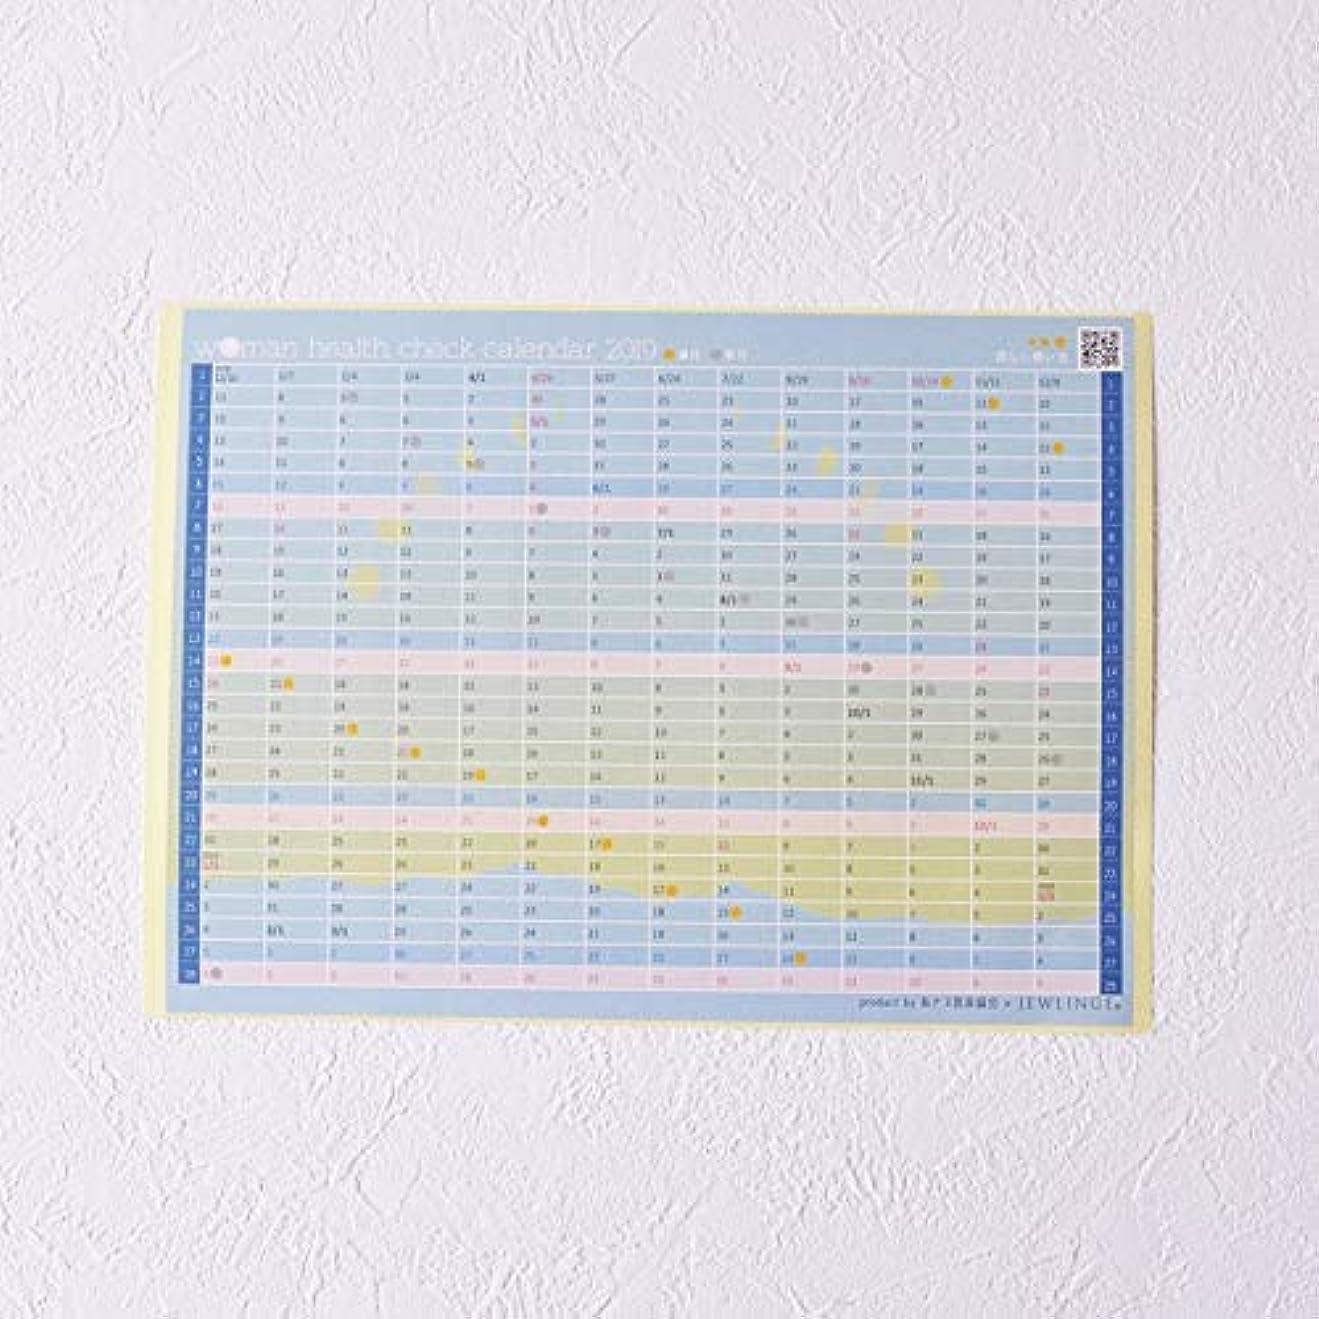 周波数誤解する亡命JEWLINGE ジュランジェ 2020年カレンダー [ウーマンヘルスチェックカレンダー/シールタイプ/B6サイズの手帳に貼れる大きさ ] 生理周期 レディース 女性用 満月 新月 (生理日?体調管理)